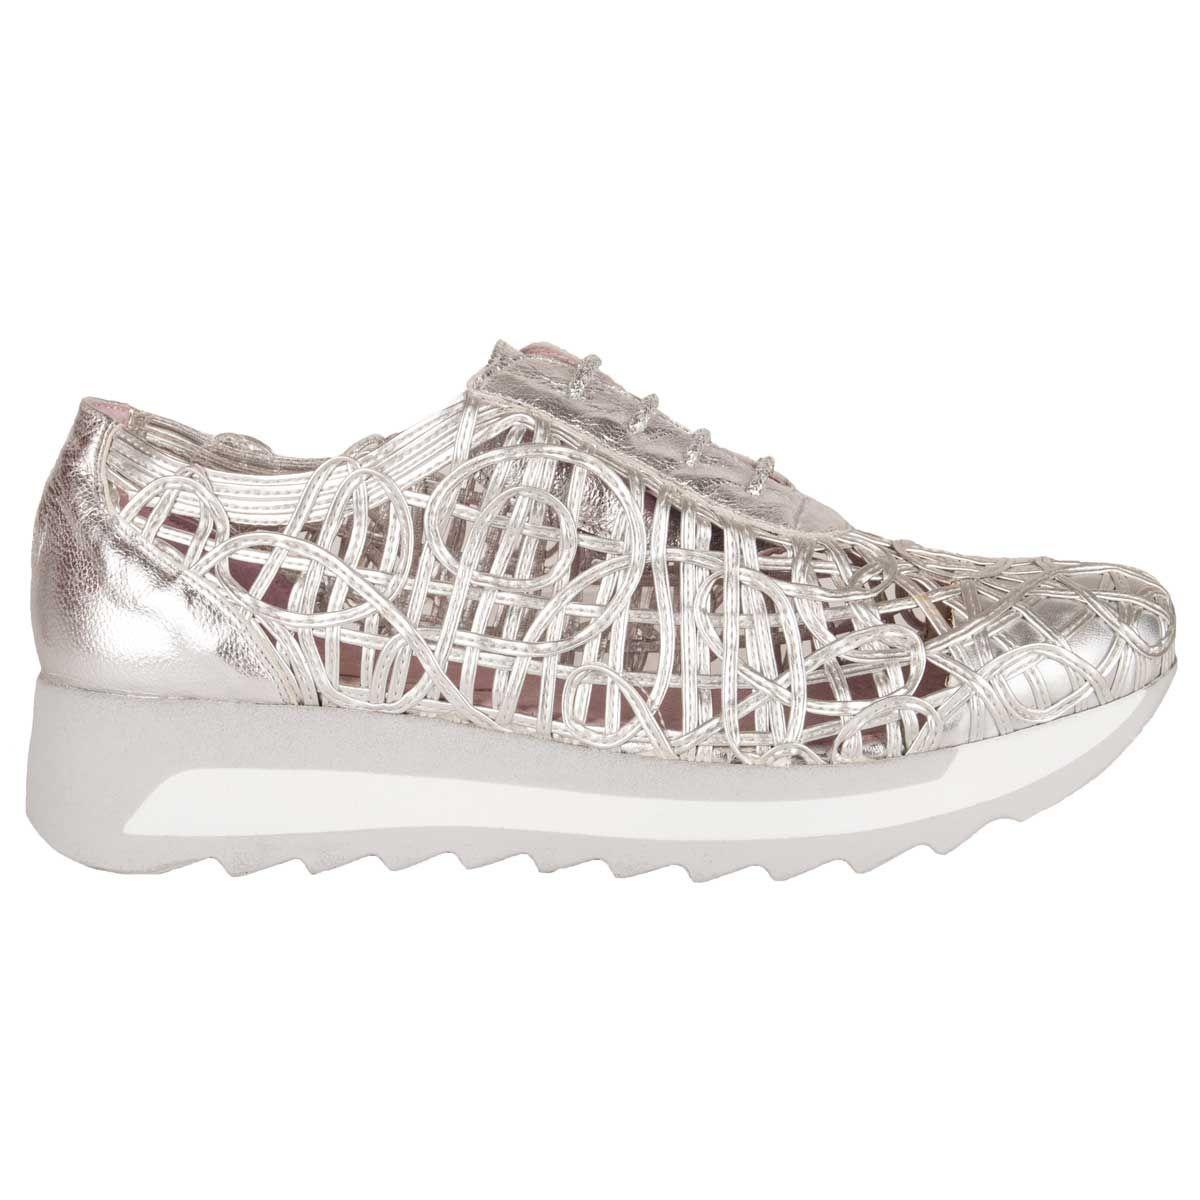 Purapiel Woven Sneaker in Silver